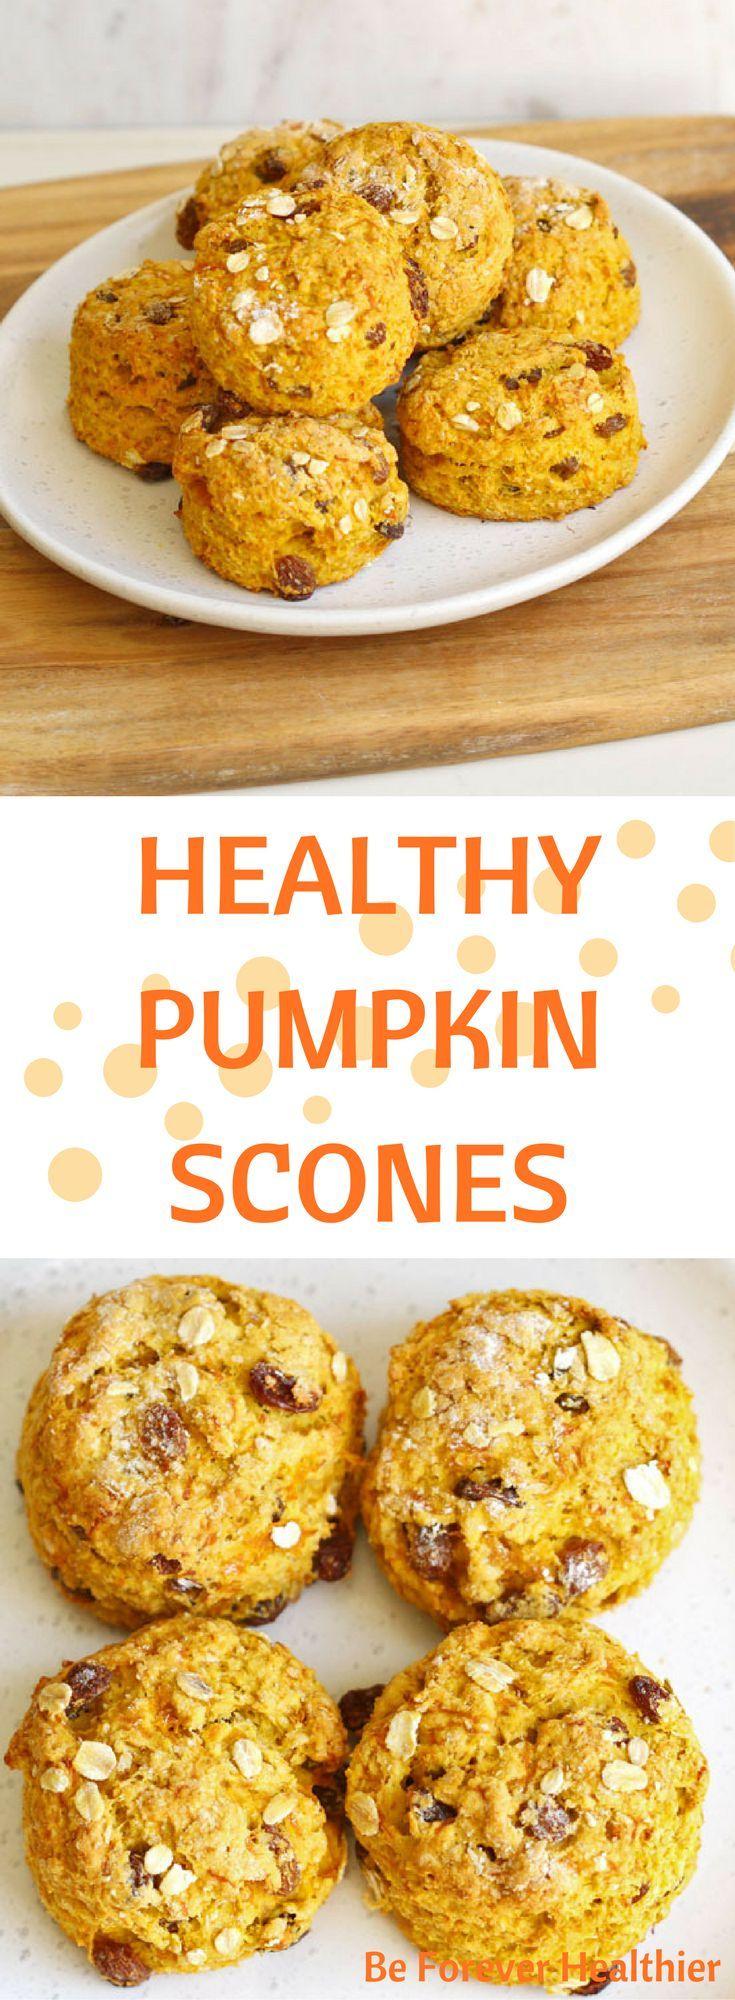 Healthy Pumpkin Scones #scones #healthy #recipe #pumpkinscones